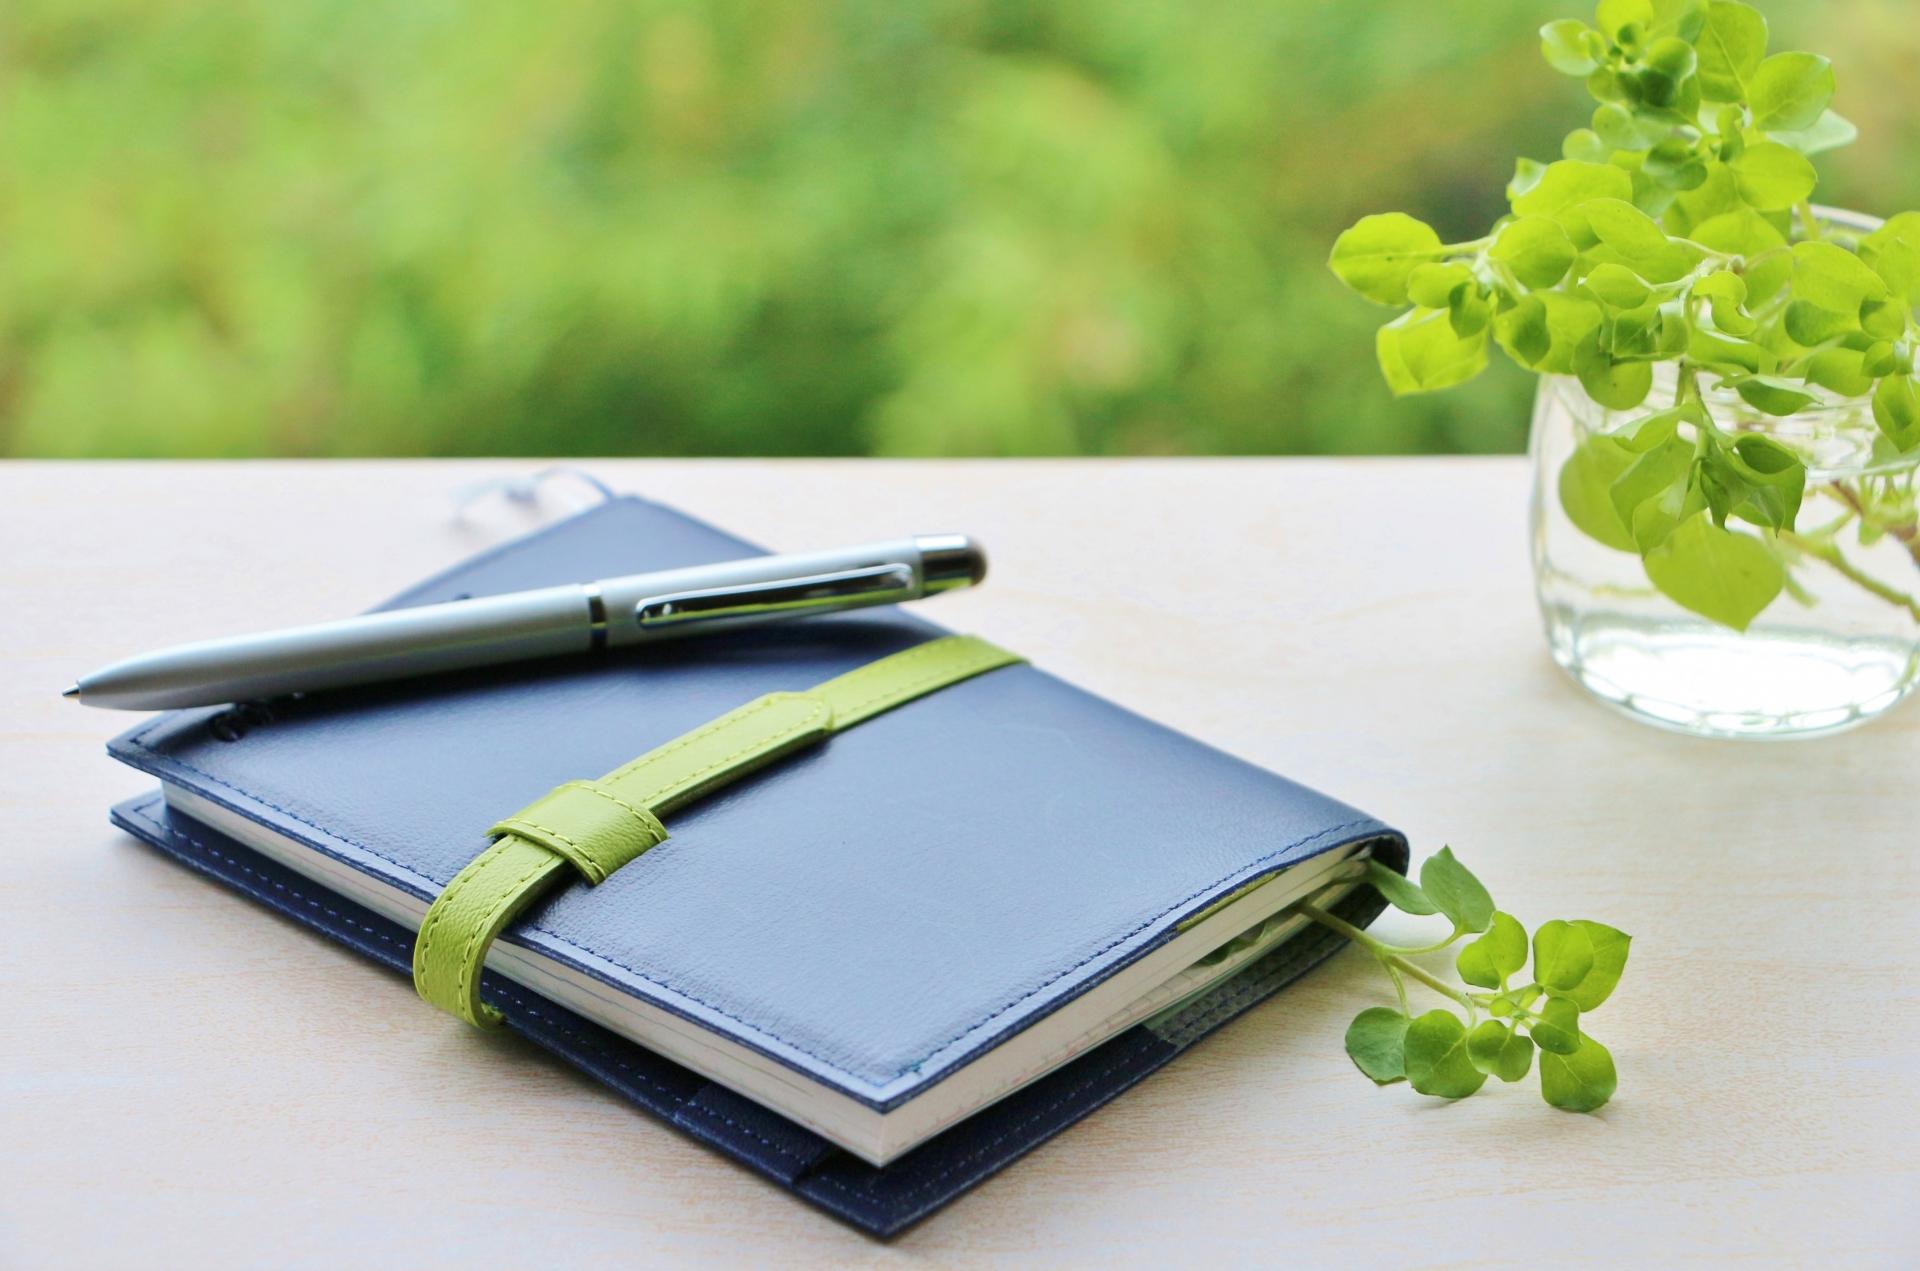 日記帳(手帳)の選び方&おすすめ4選【日々の出来事を残そう】